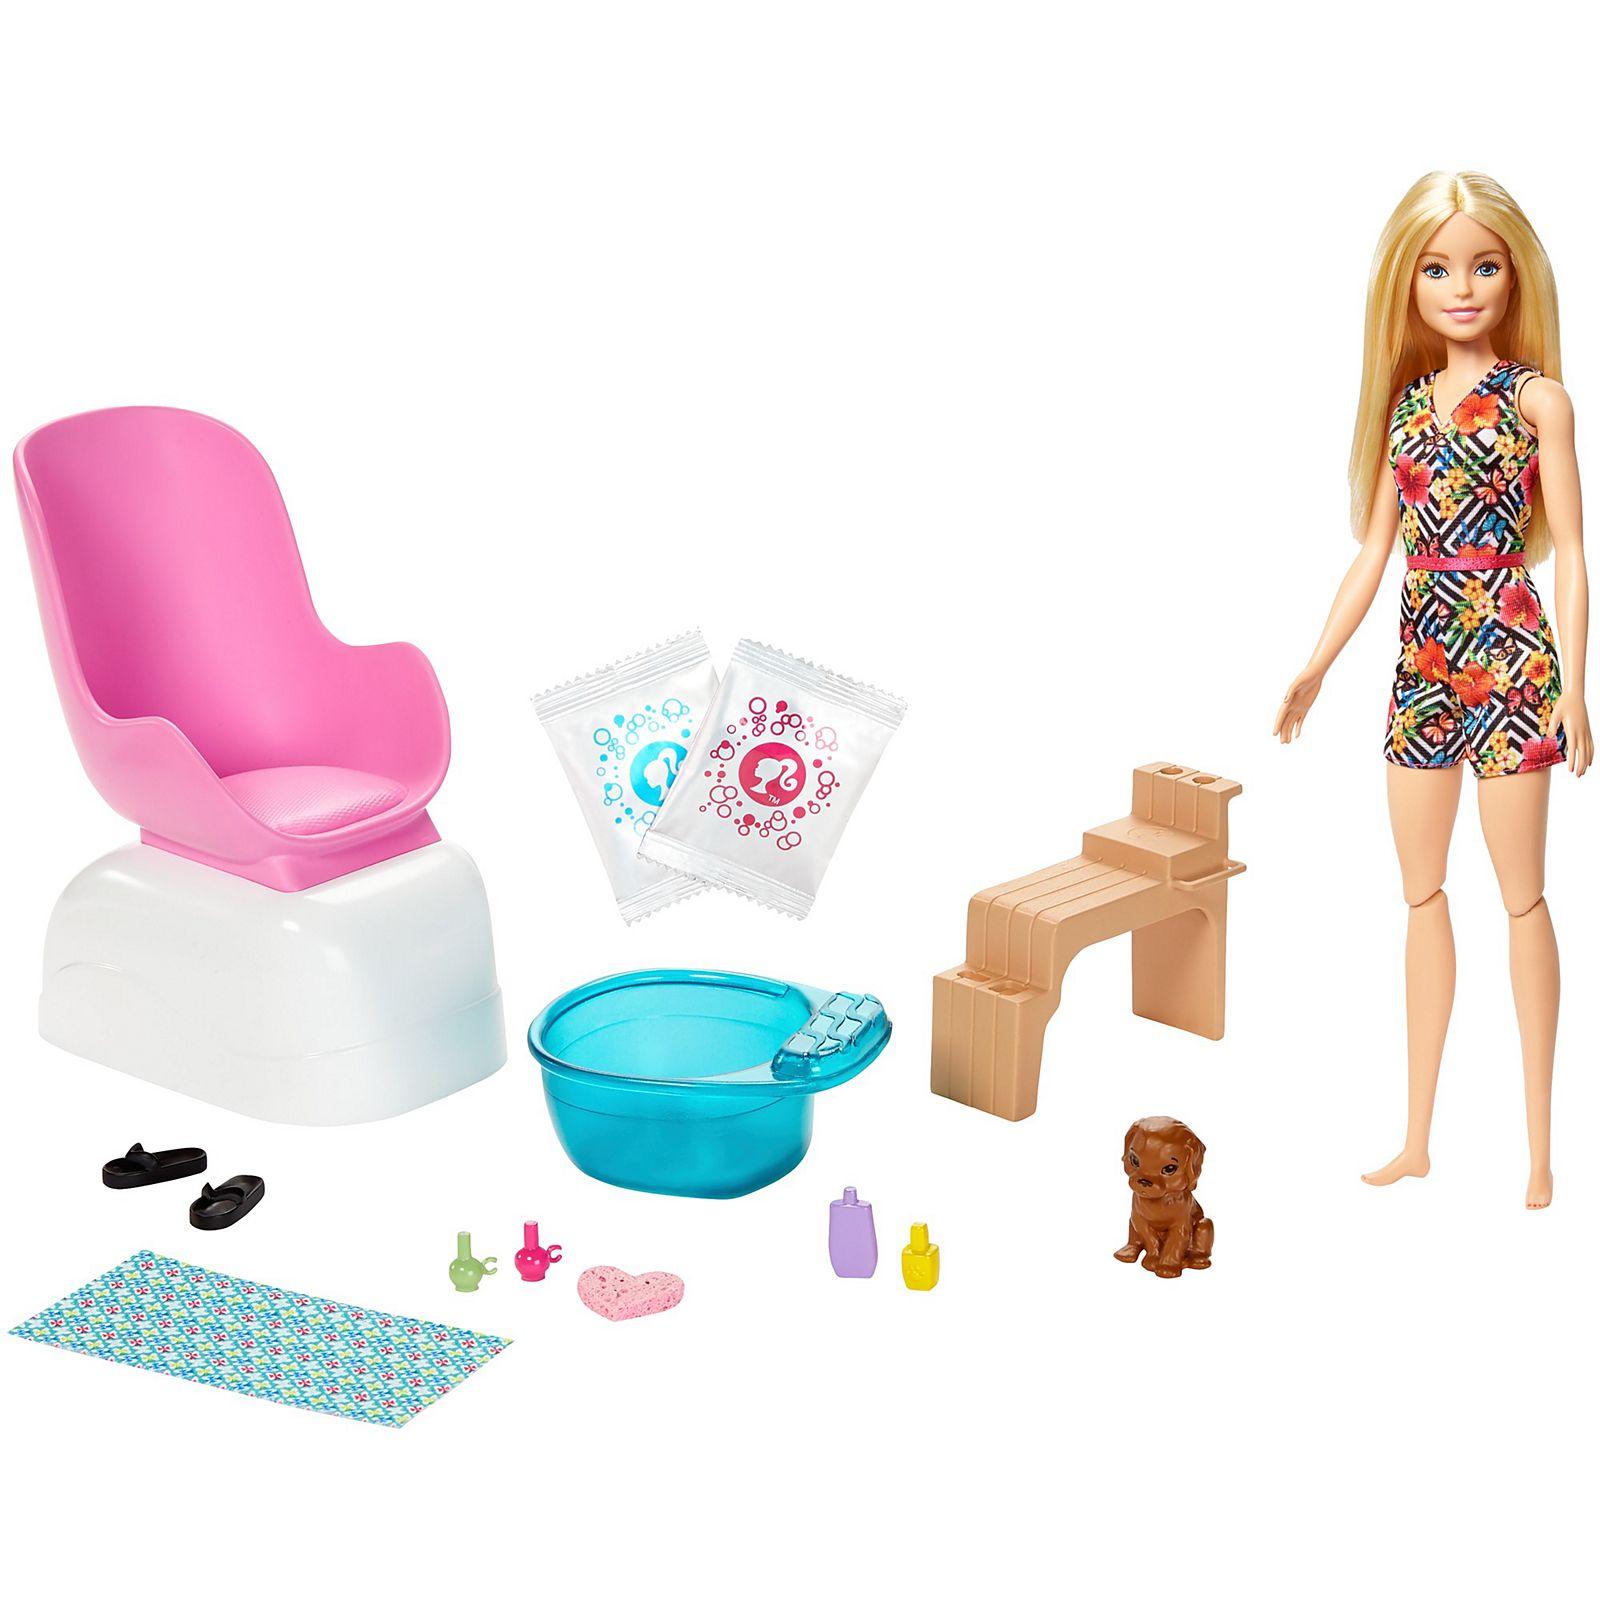 Barbie - Mani-Pedi Spa Playset (GHN07)